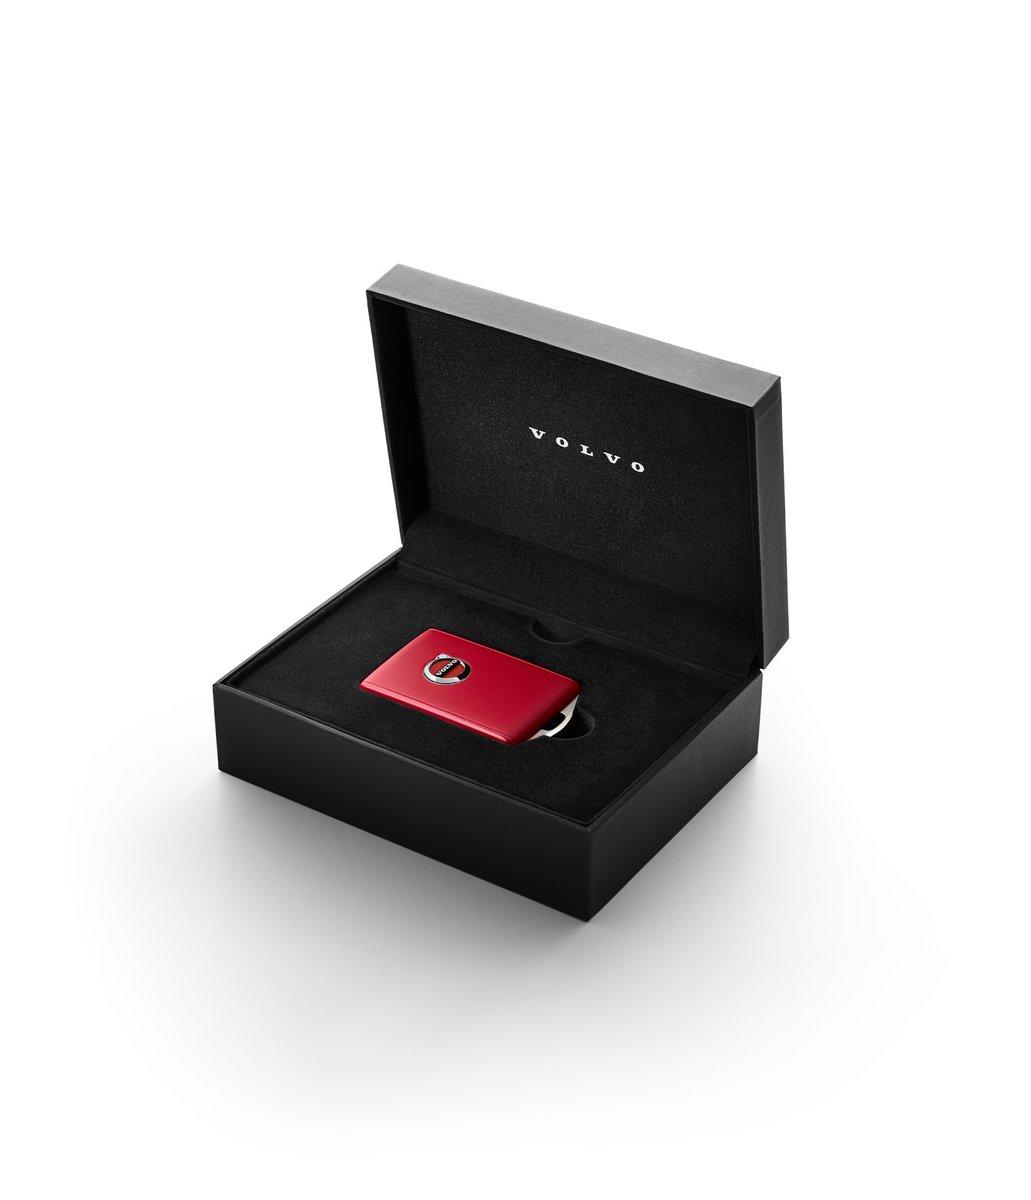 """Bezpieczeństwo? Powiedz """"tak"""". Pożyczając auto, możesz określić maksymalną prędkość za pomocą kluczyka Red Key. Tylko w maju kupisz go z korzyścią 20%. https://t.co/58hy0AEDYM"""